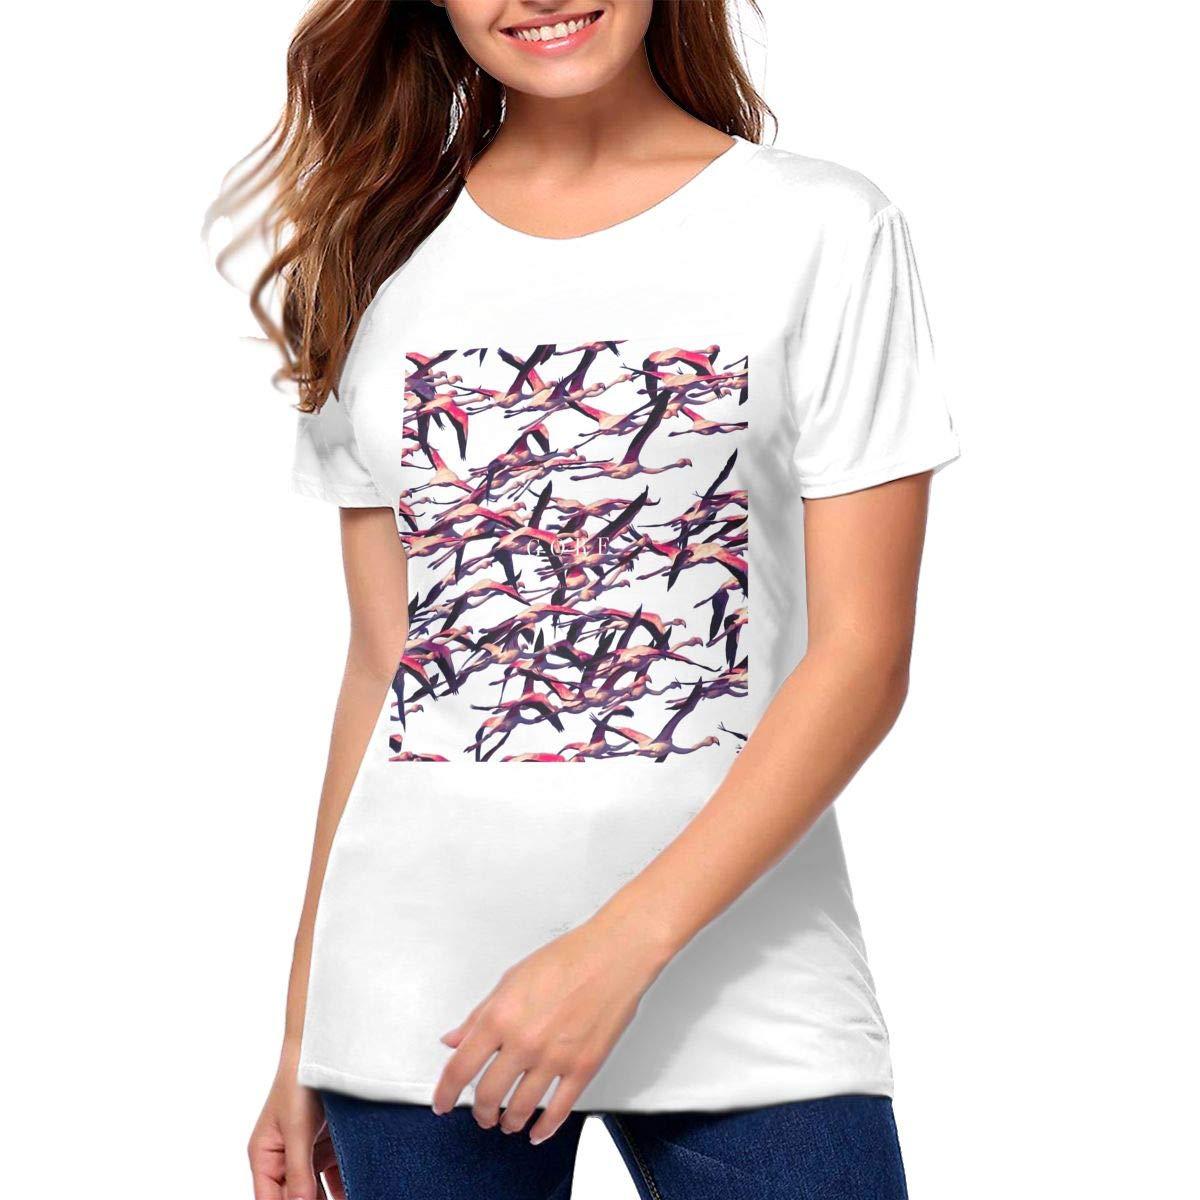 Deftones Gore Woman Tops 7488 Shirts